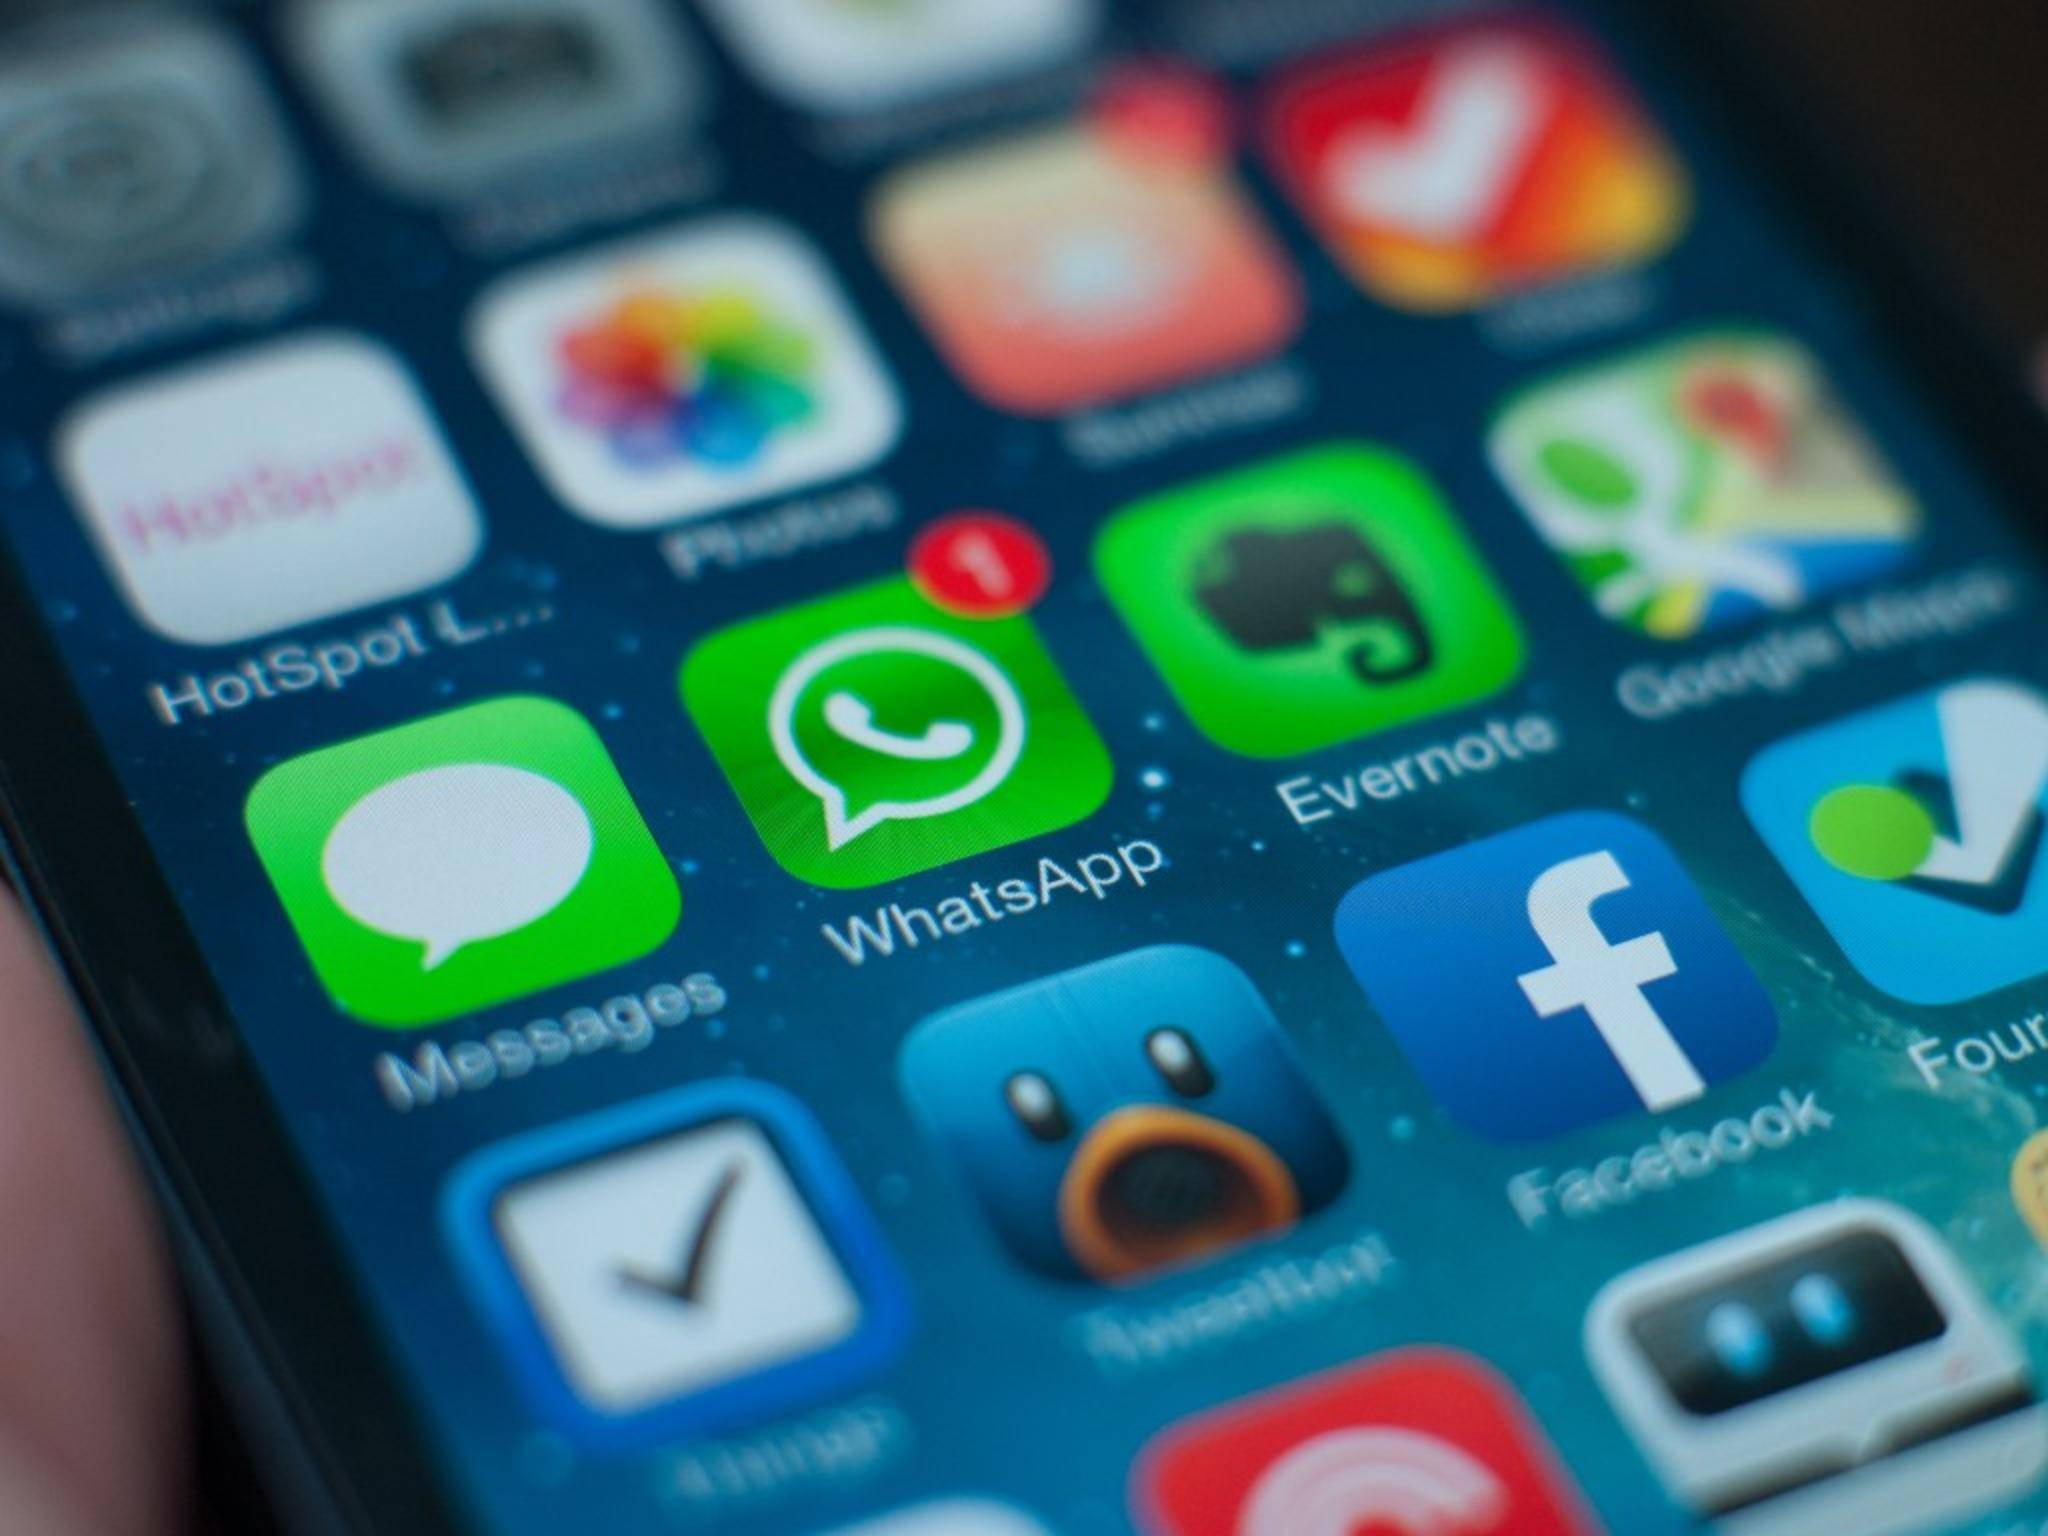 Datenvolumen und Akku leer? Diese Apps könnten verantwortlich sein!